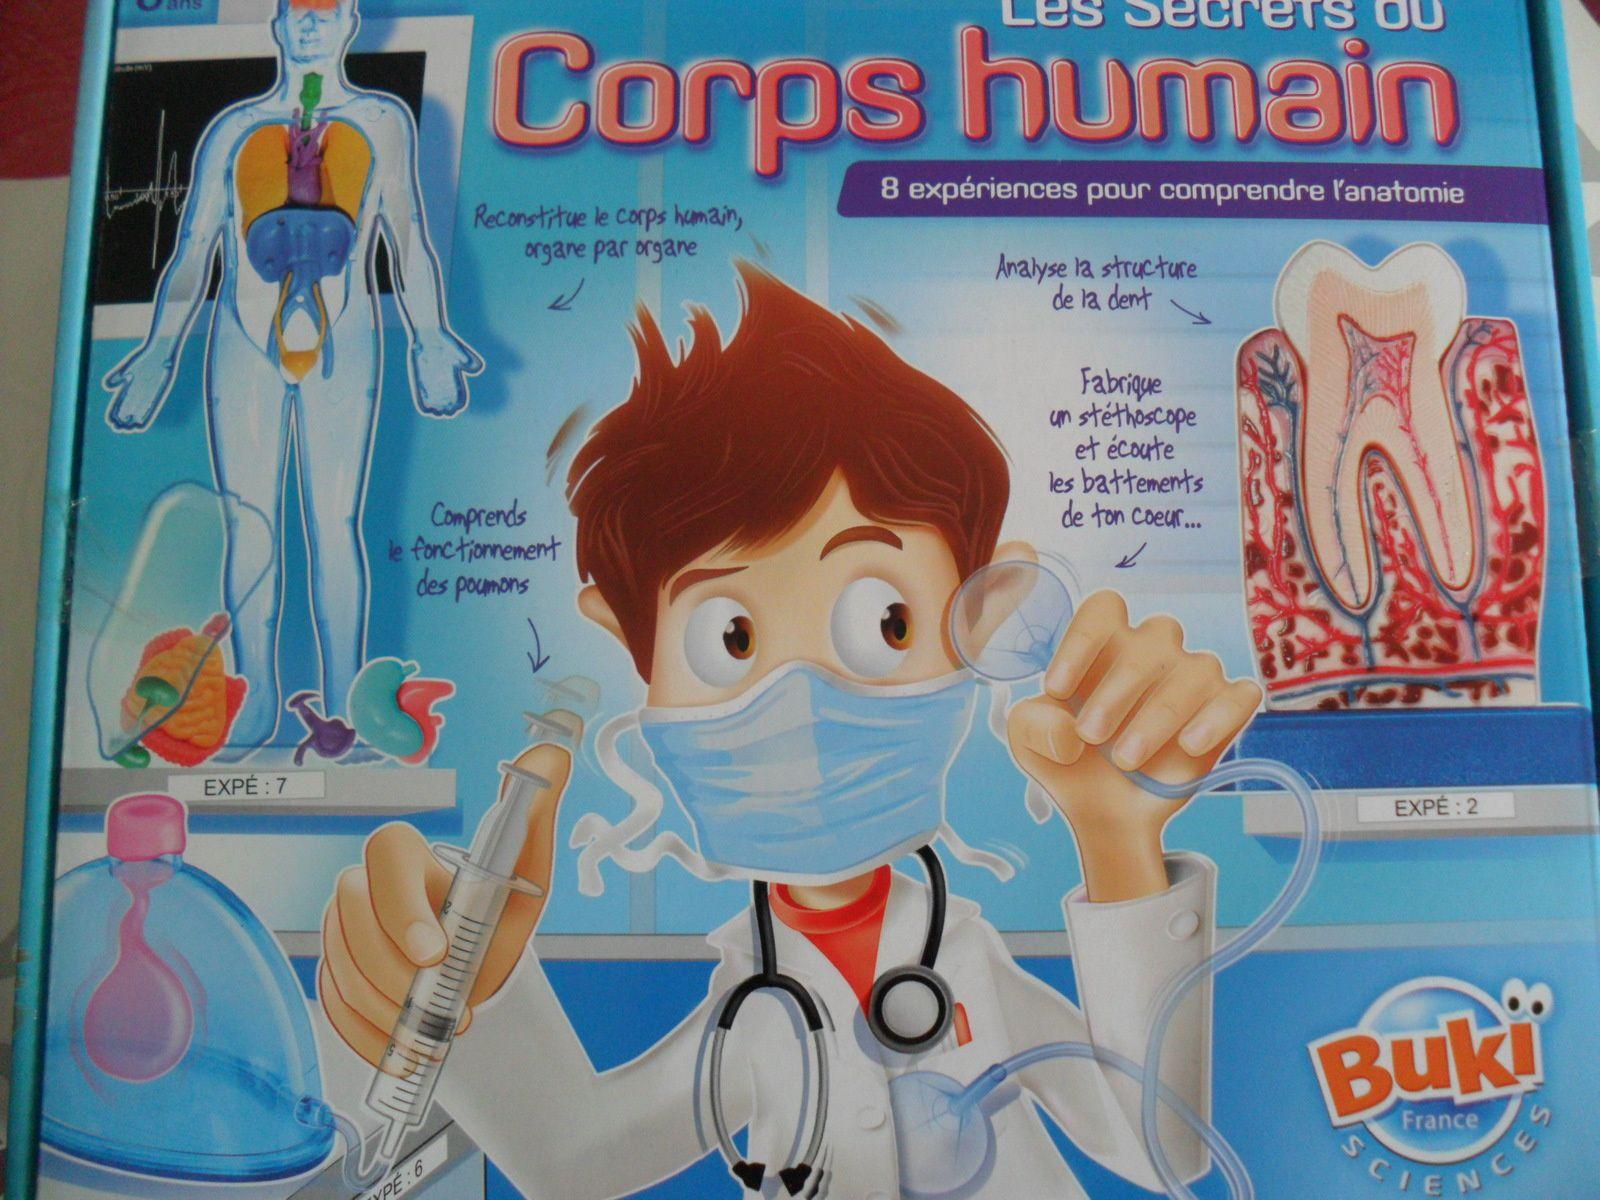 Le corps humain (2e partie)